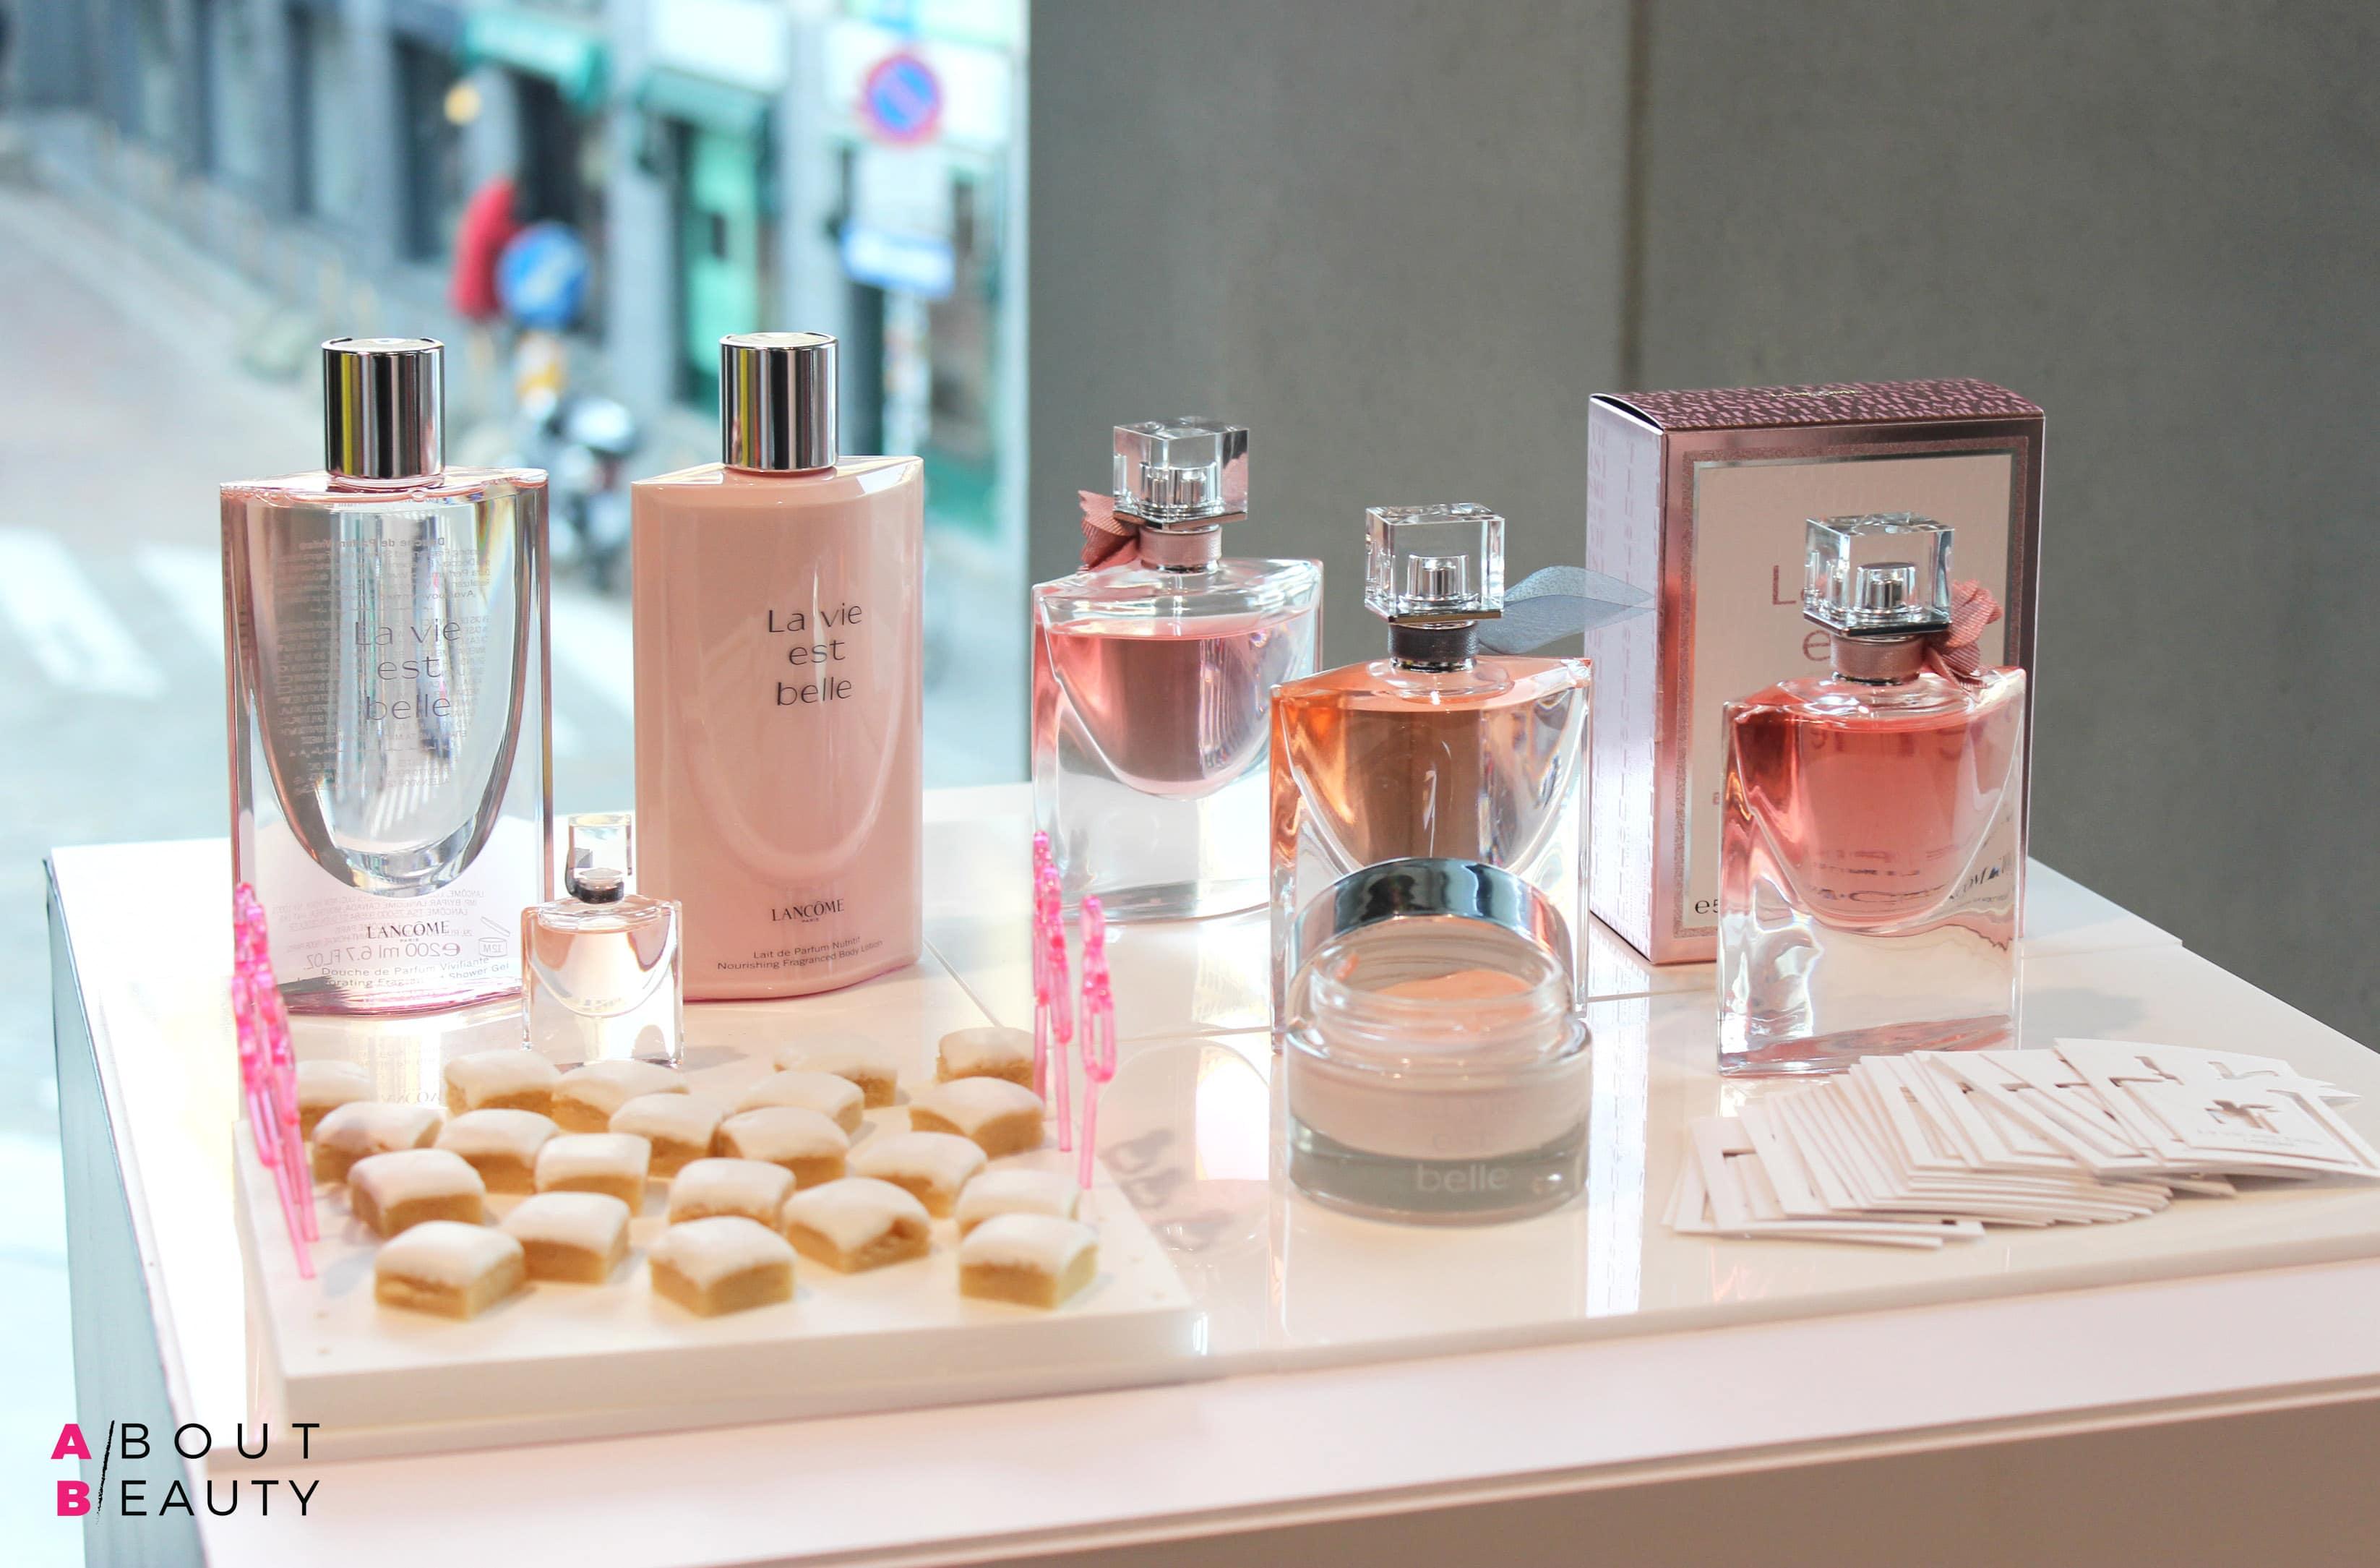 Lancome La Vie Est Belle Bouquet de Printemps, il profumo floreale che è un'ode alla libertà e alla primavera - Tutte le informazioni